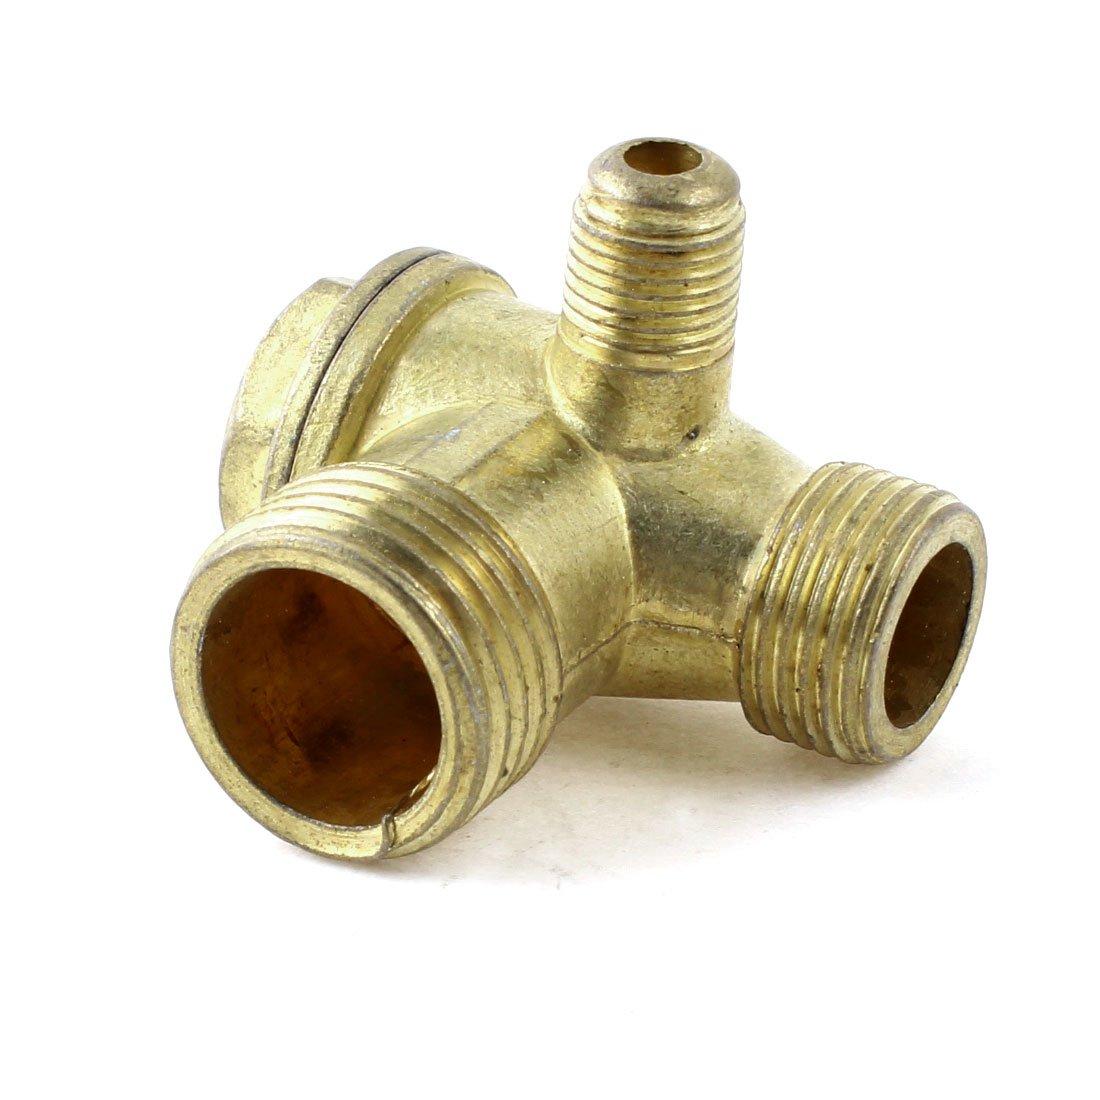 Luftkompressor Ersatz Accessoire Messing Rückschlagventil Rückschlagklappe